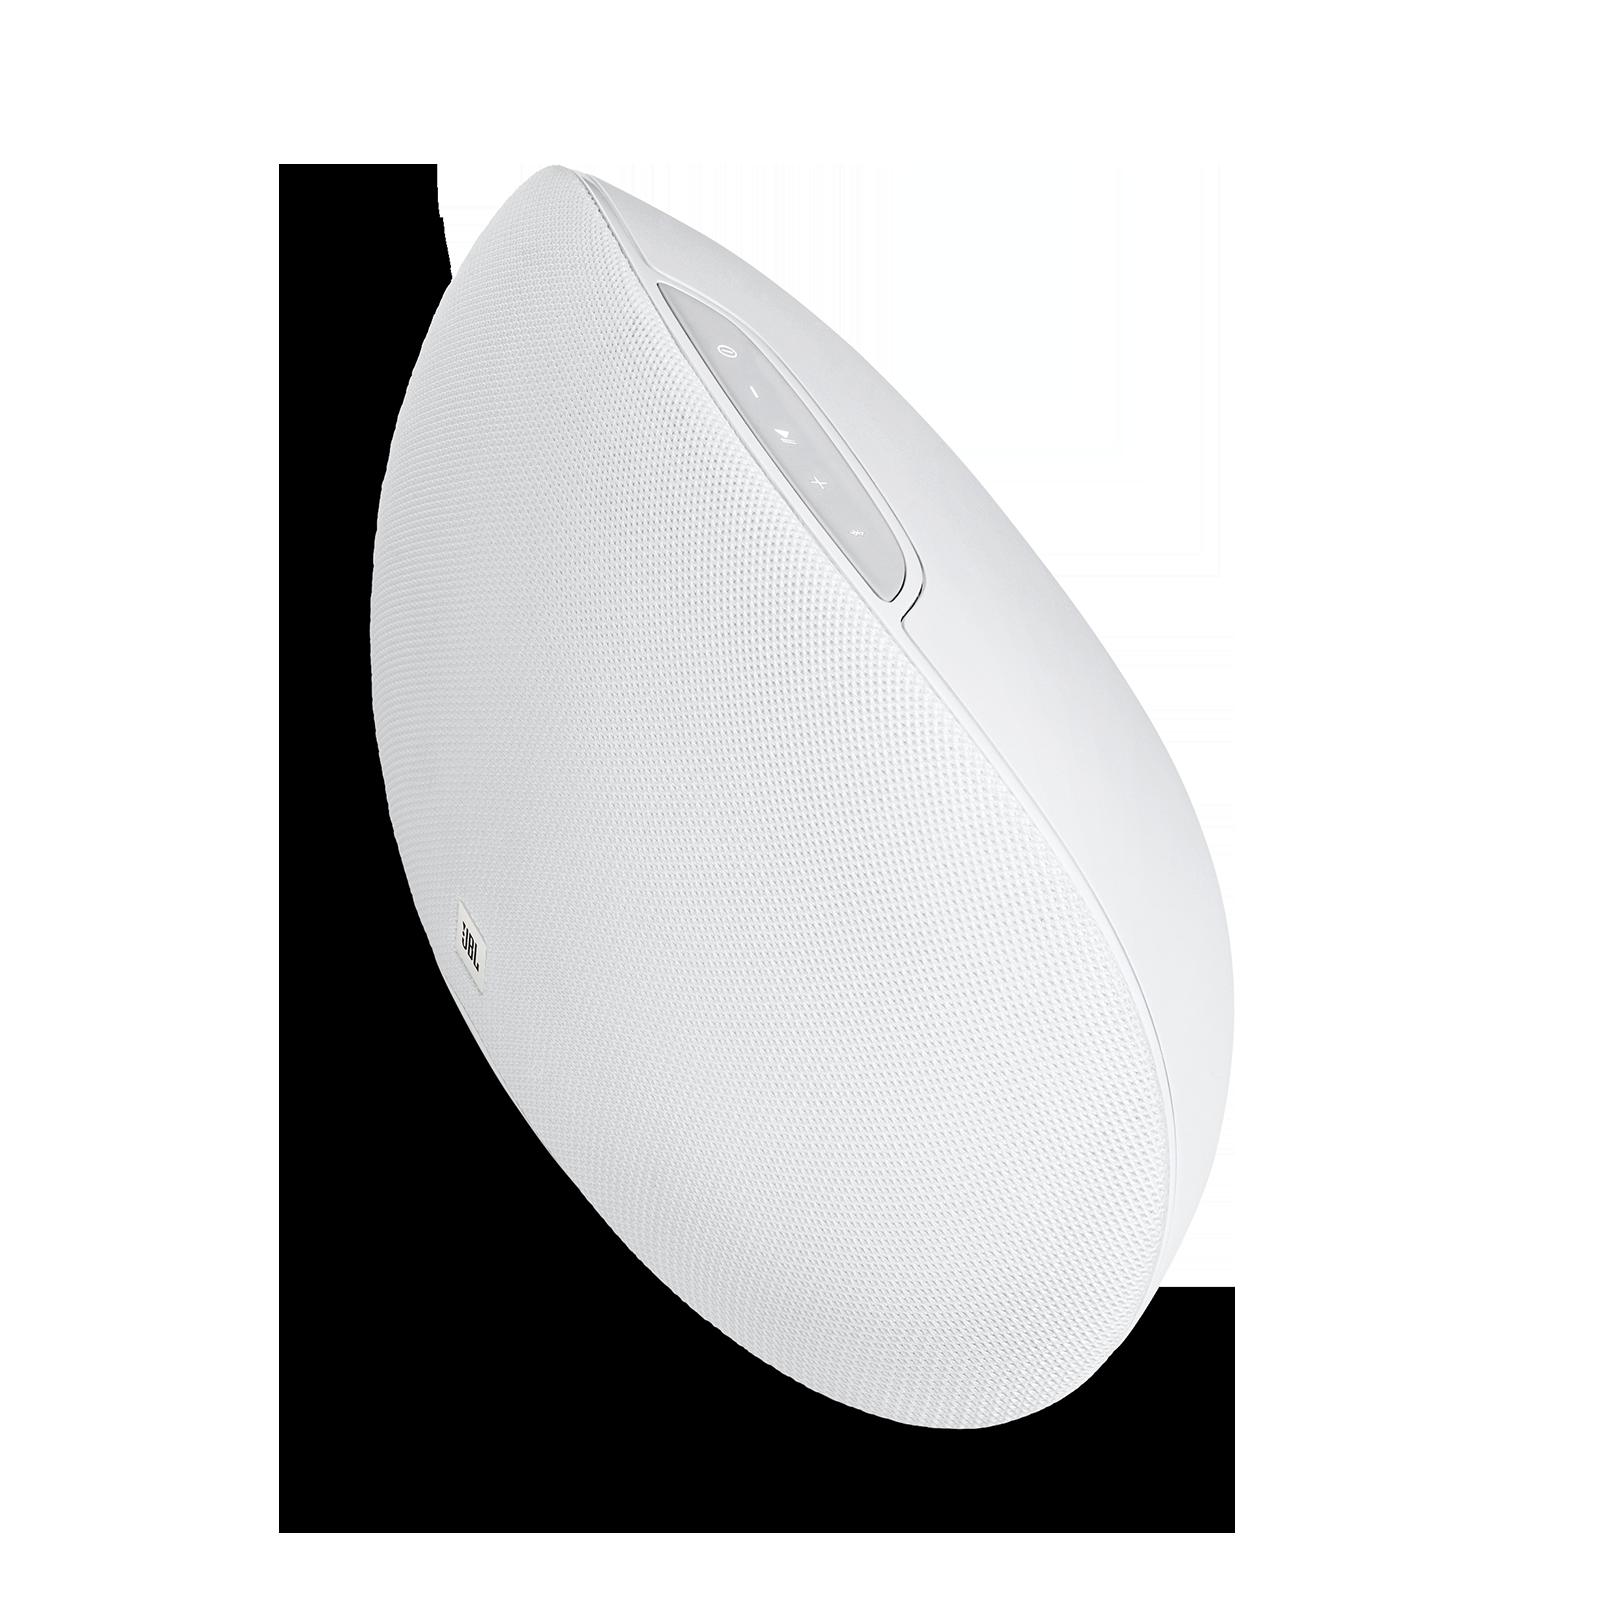 JBL Playlist - White - Wireless speaker with Chromecast built-in - Detailshot 2